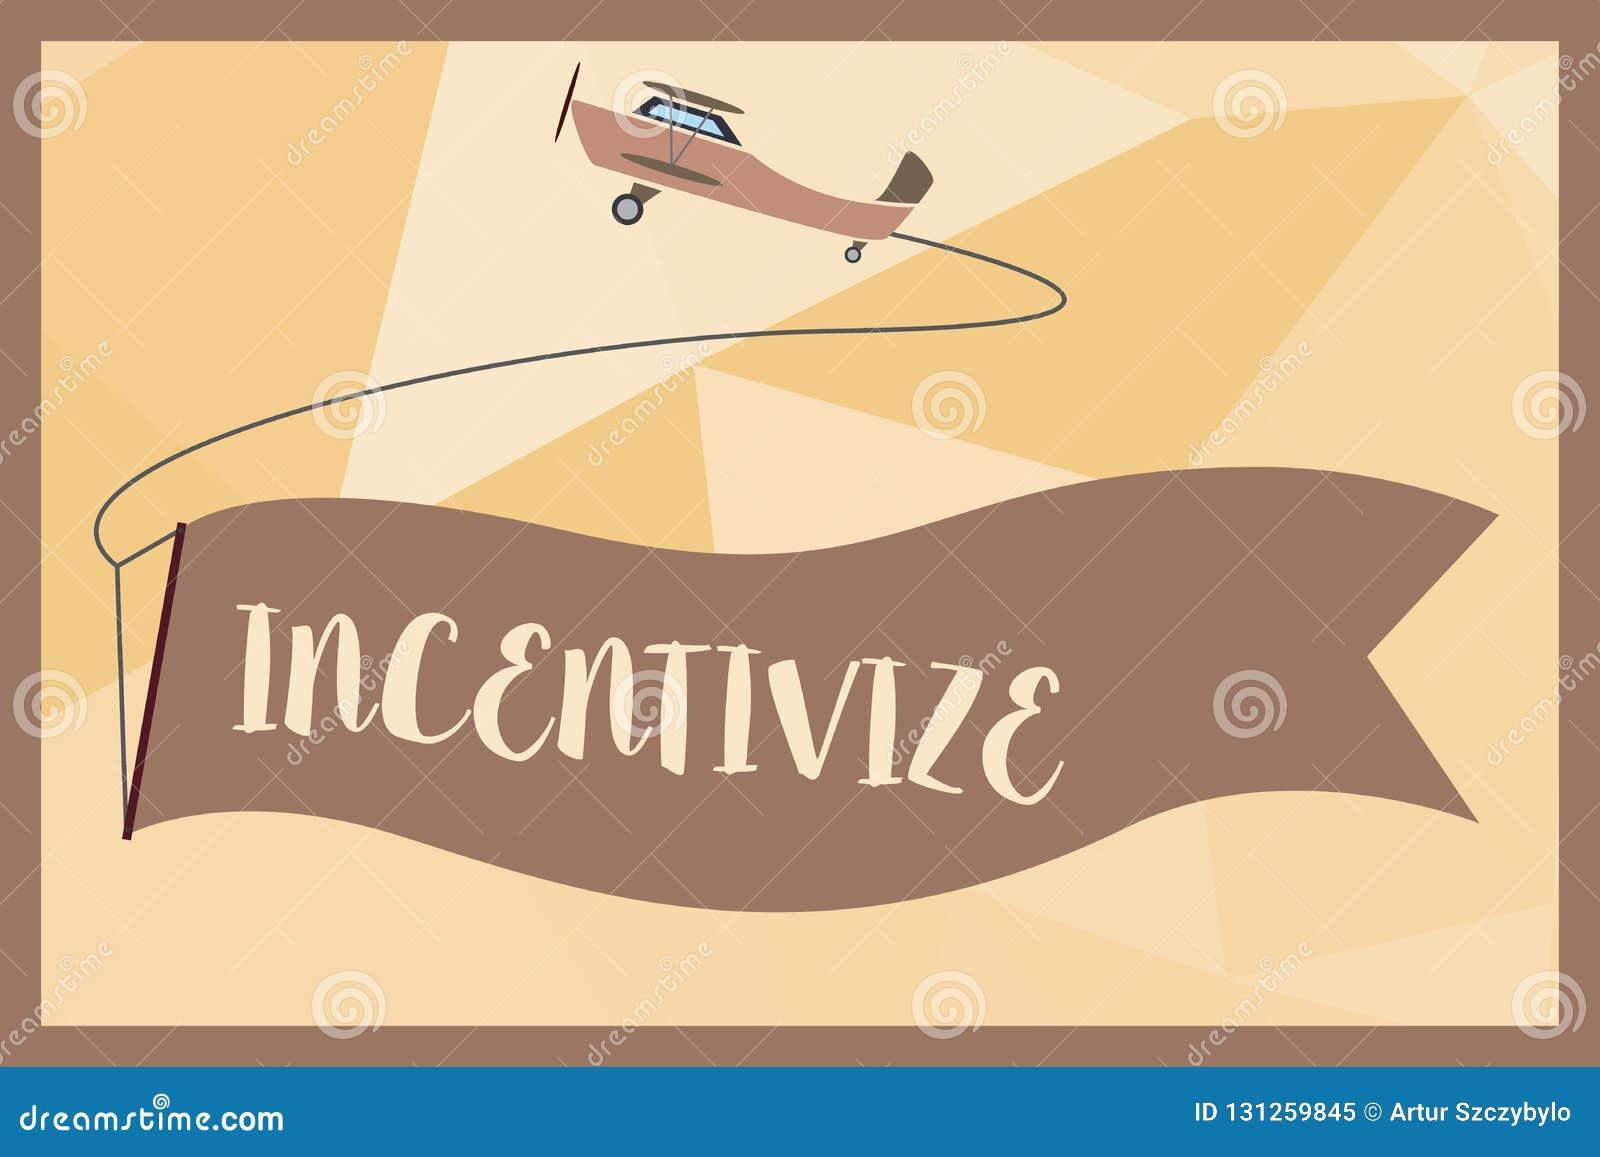 Skriva anmärkningsvisning Incentivize Att ställa ut för affärsfoto motiverar eller uppmuntrar någon att göra något ger incitament